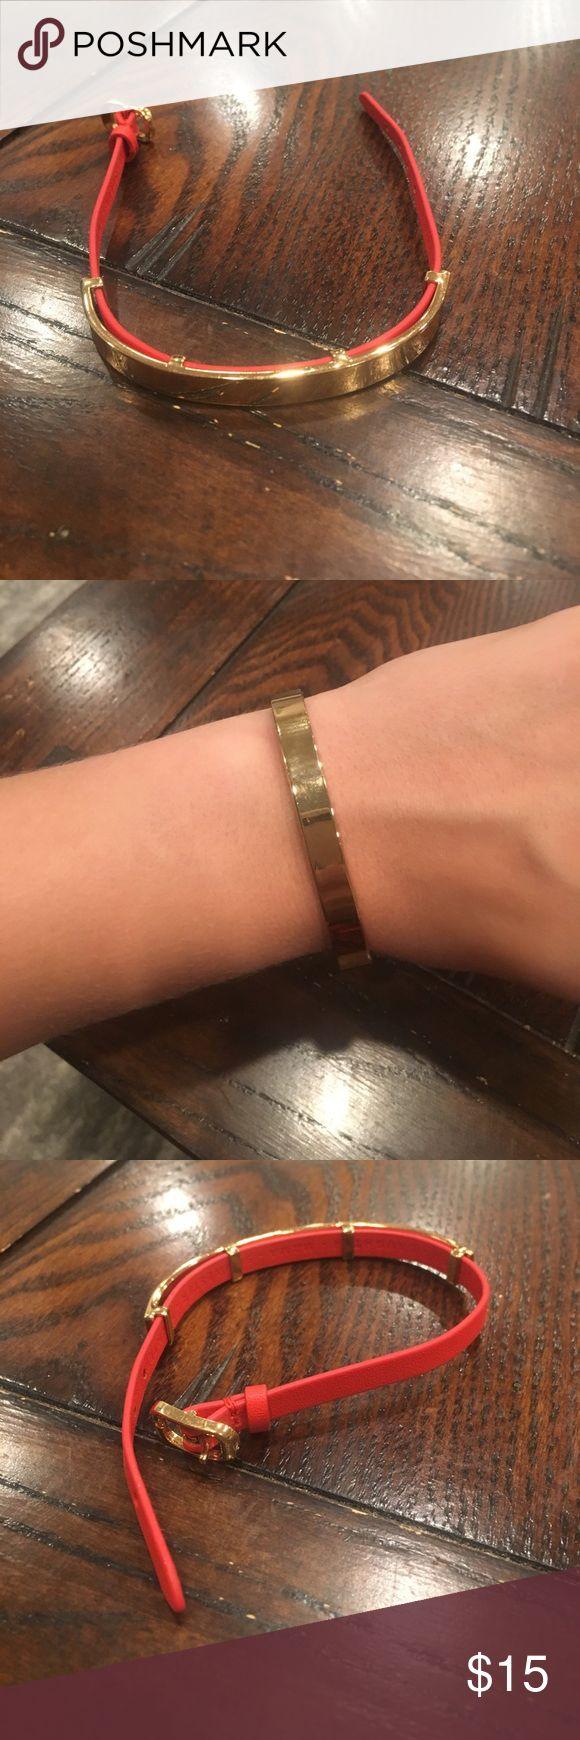 Stella and dot bracelet Adorable Stella and dot bracelet orange with gold plate Stella & Dot Jewelry Bracelets